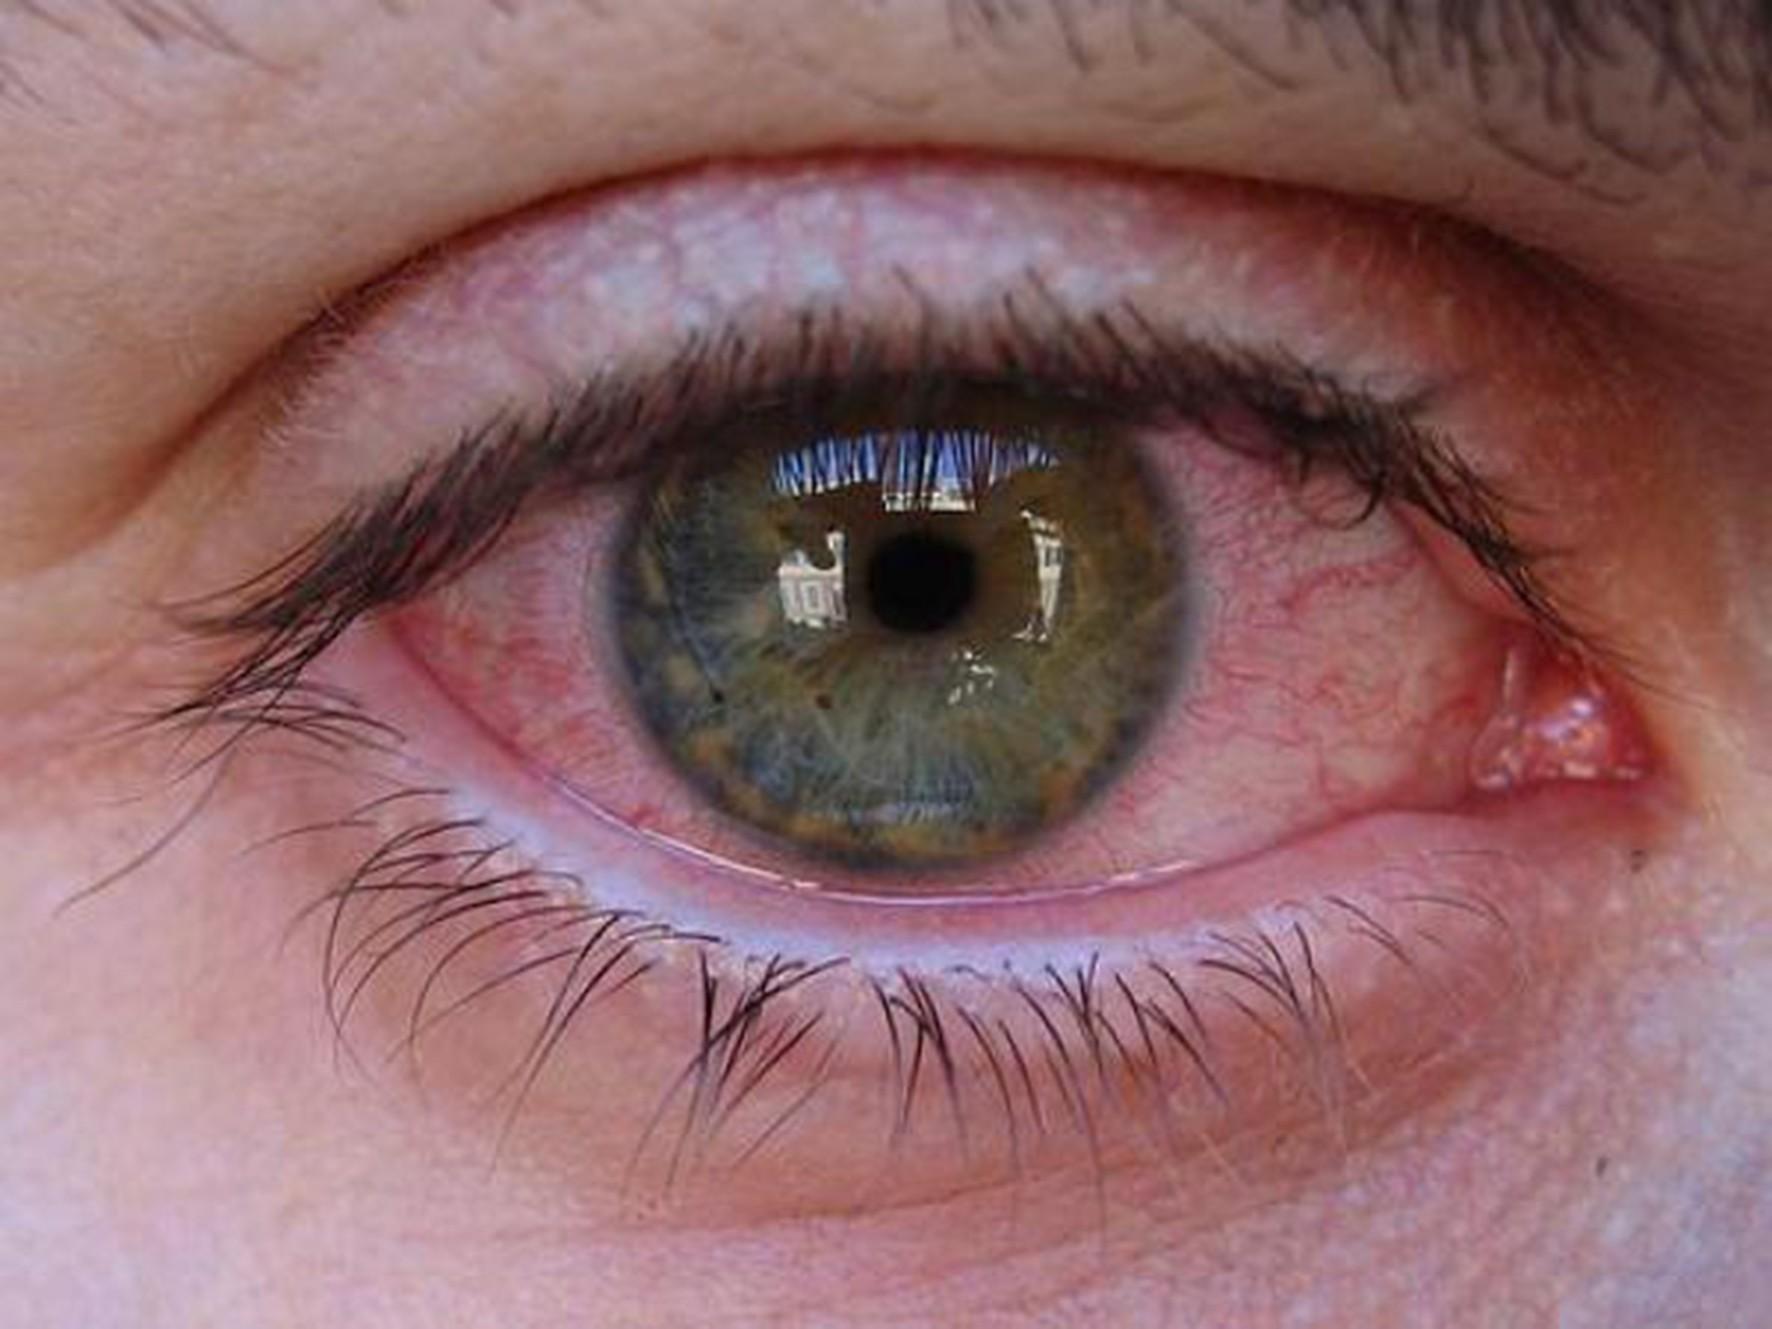 Congiuntivite da coronavirus: occhi fonte di contagio?